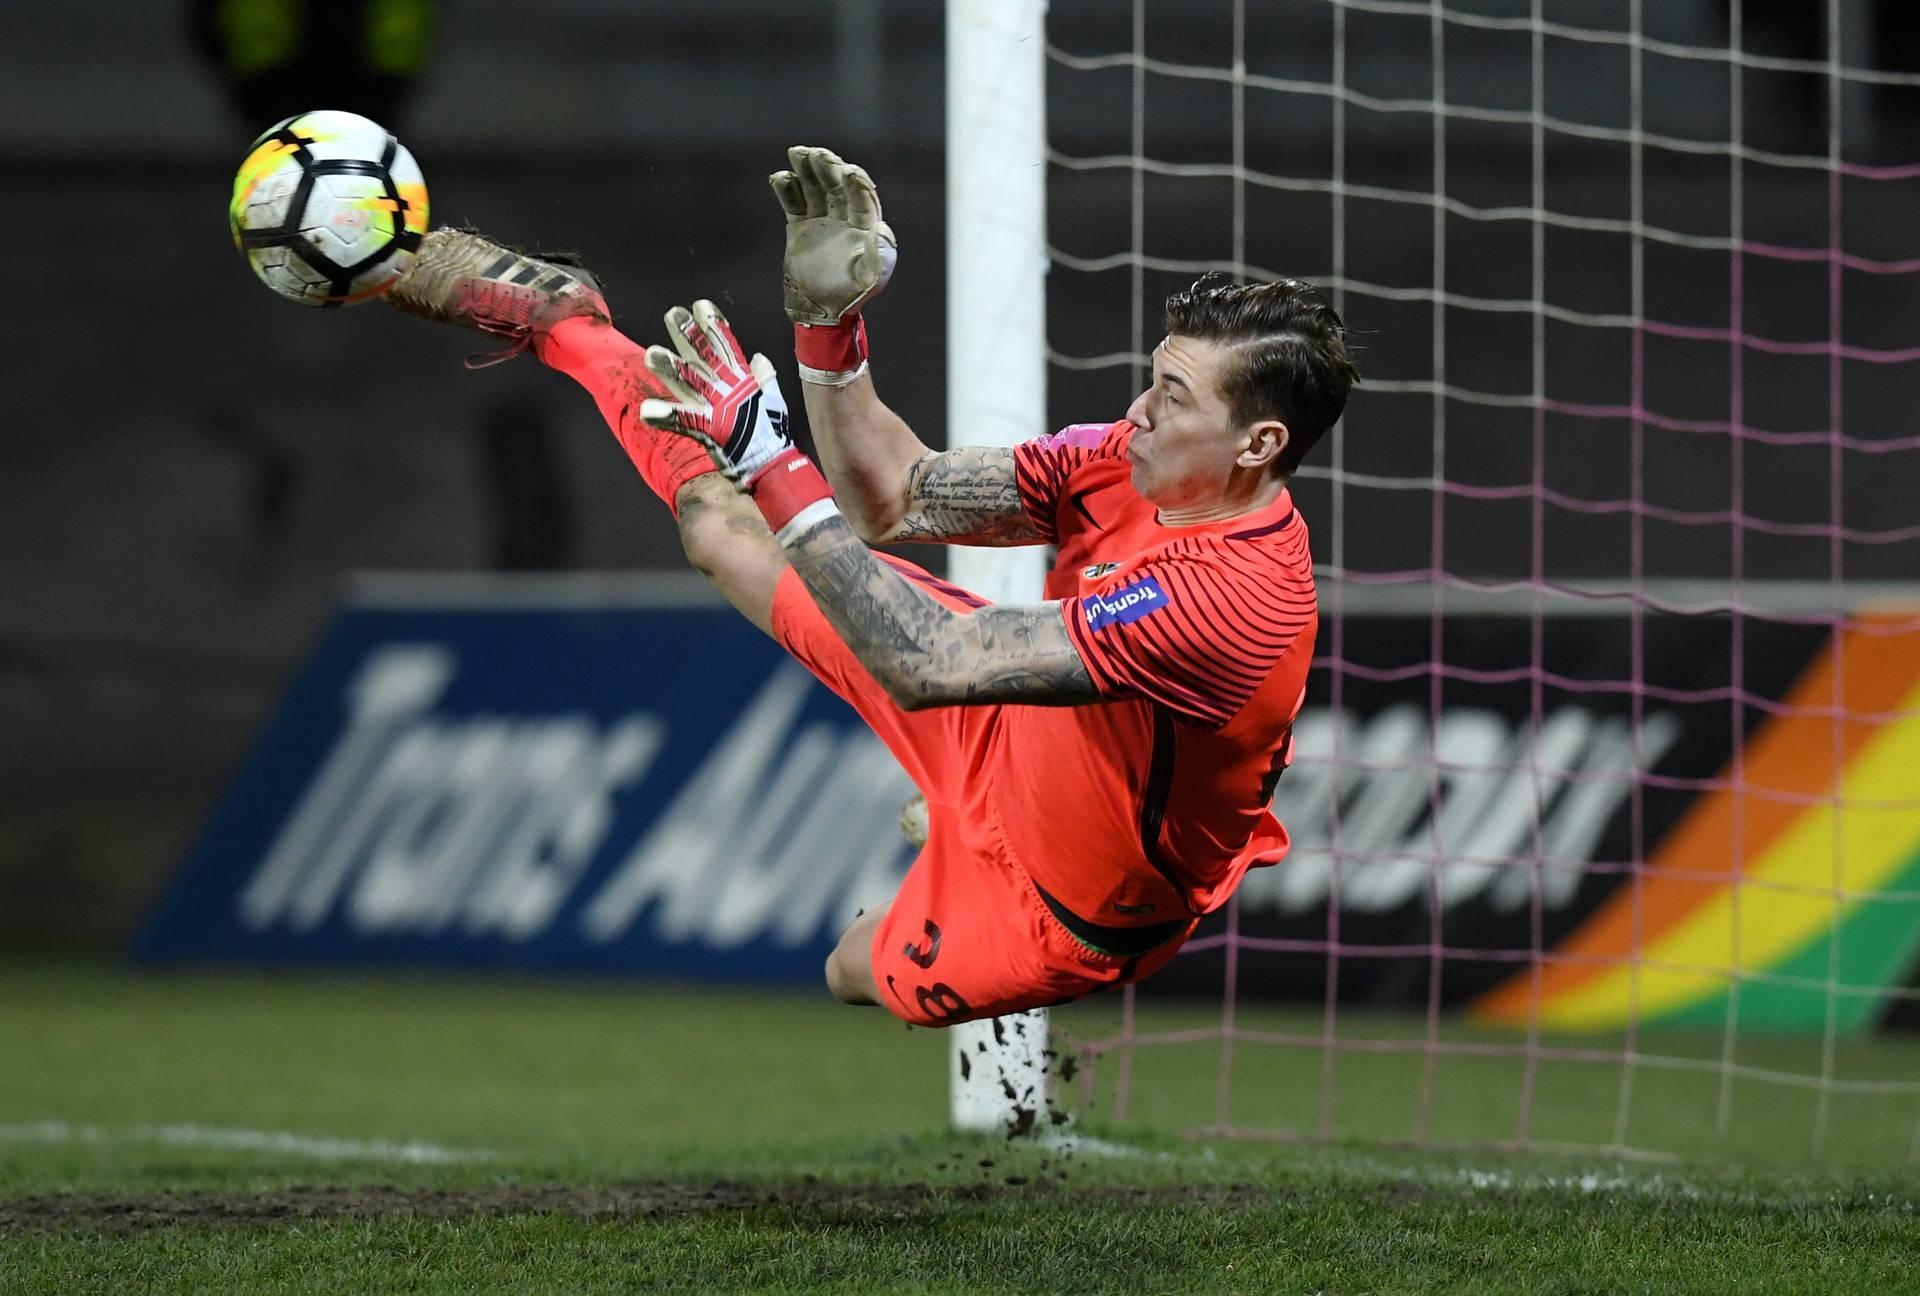 Šemperovi prosuli vodstvo: Još jednu sezonu ostaju u Serie B!